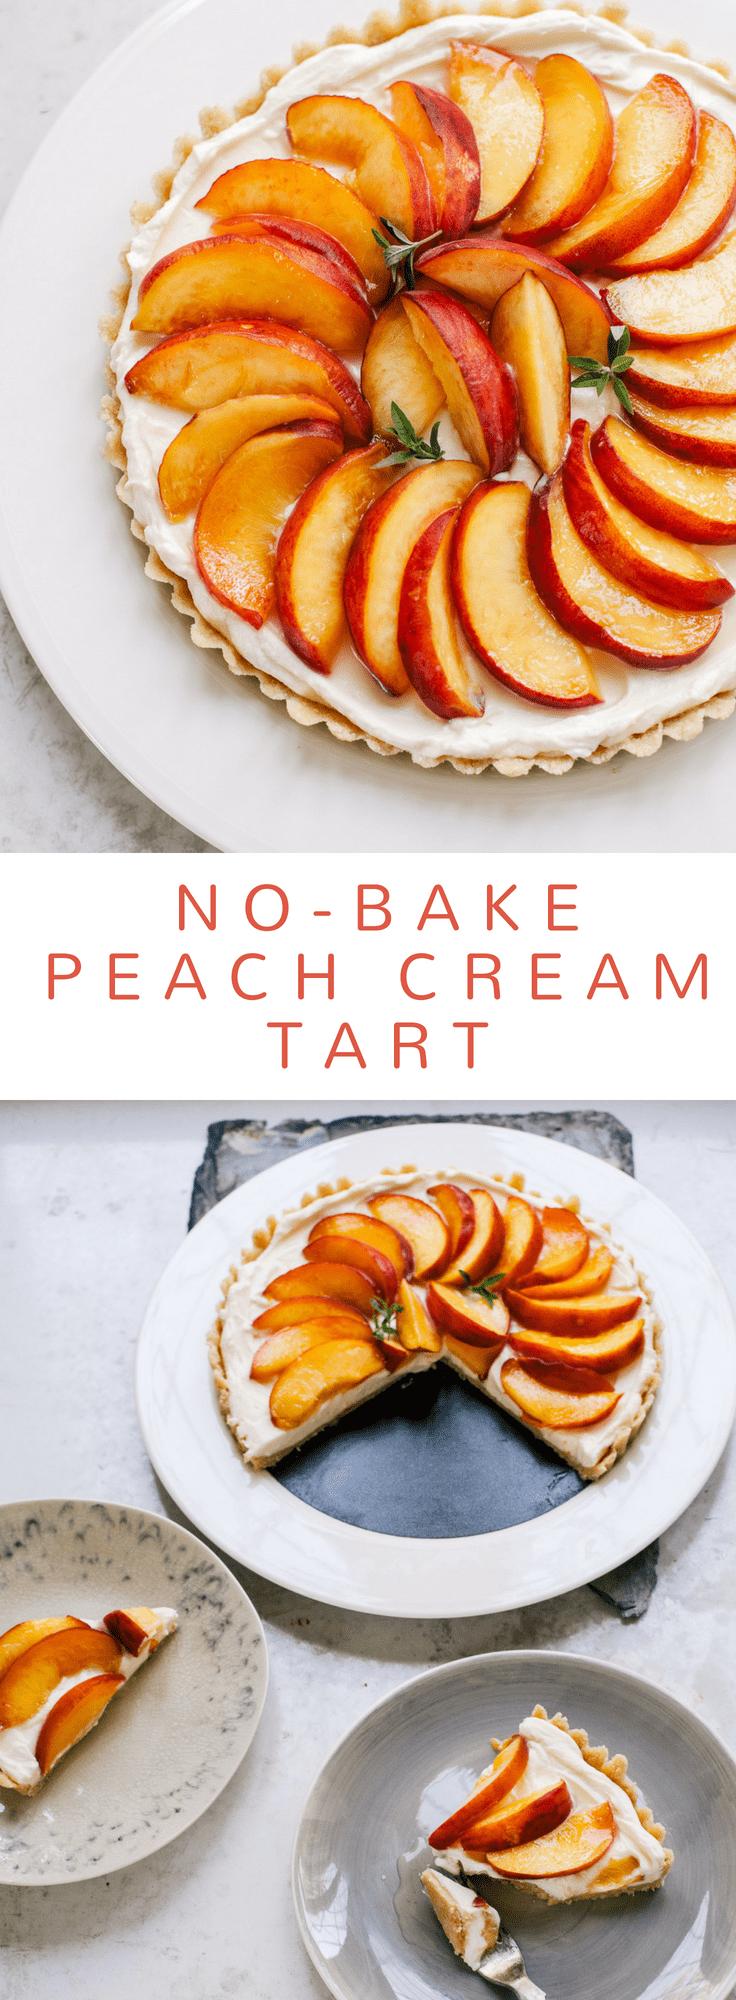 Easy No-Bake Peach Cream Tart #peach #summer #dessert #glutenfree